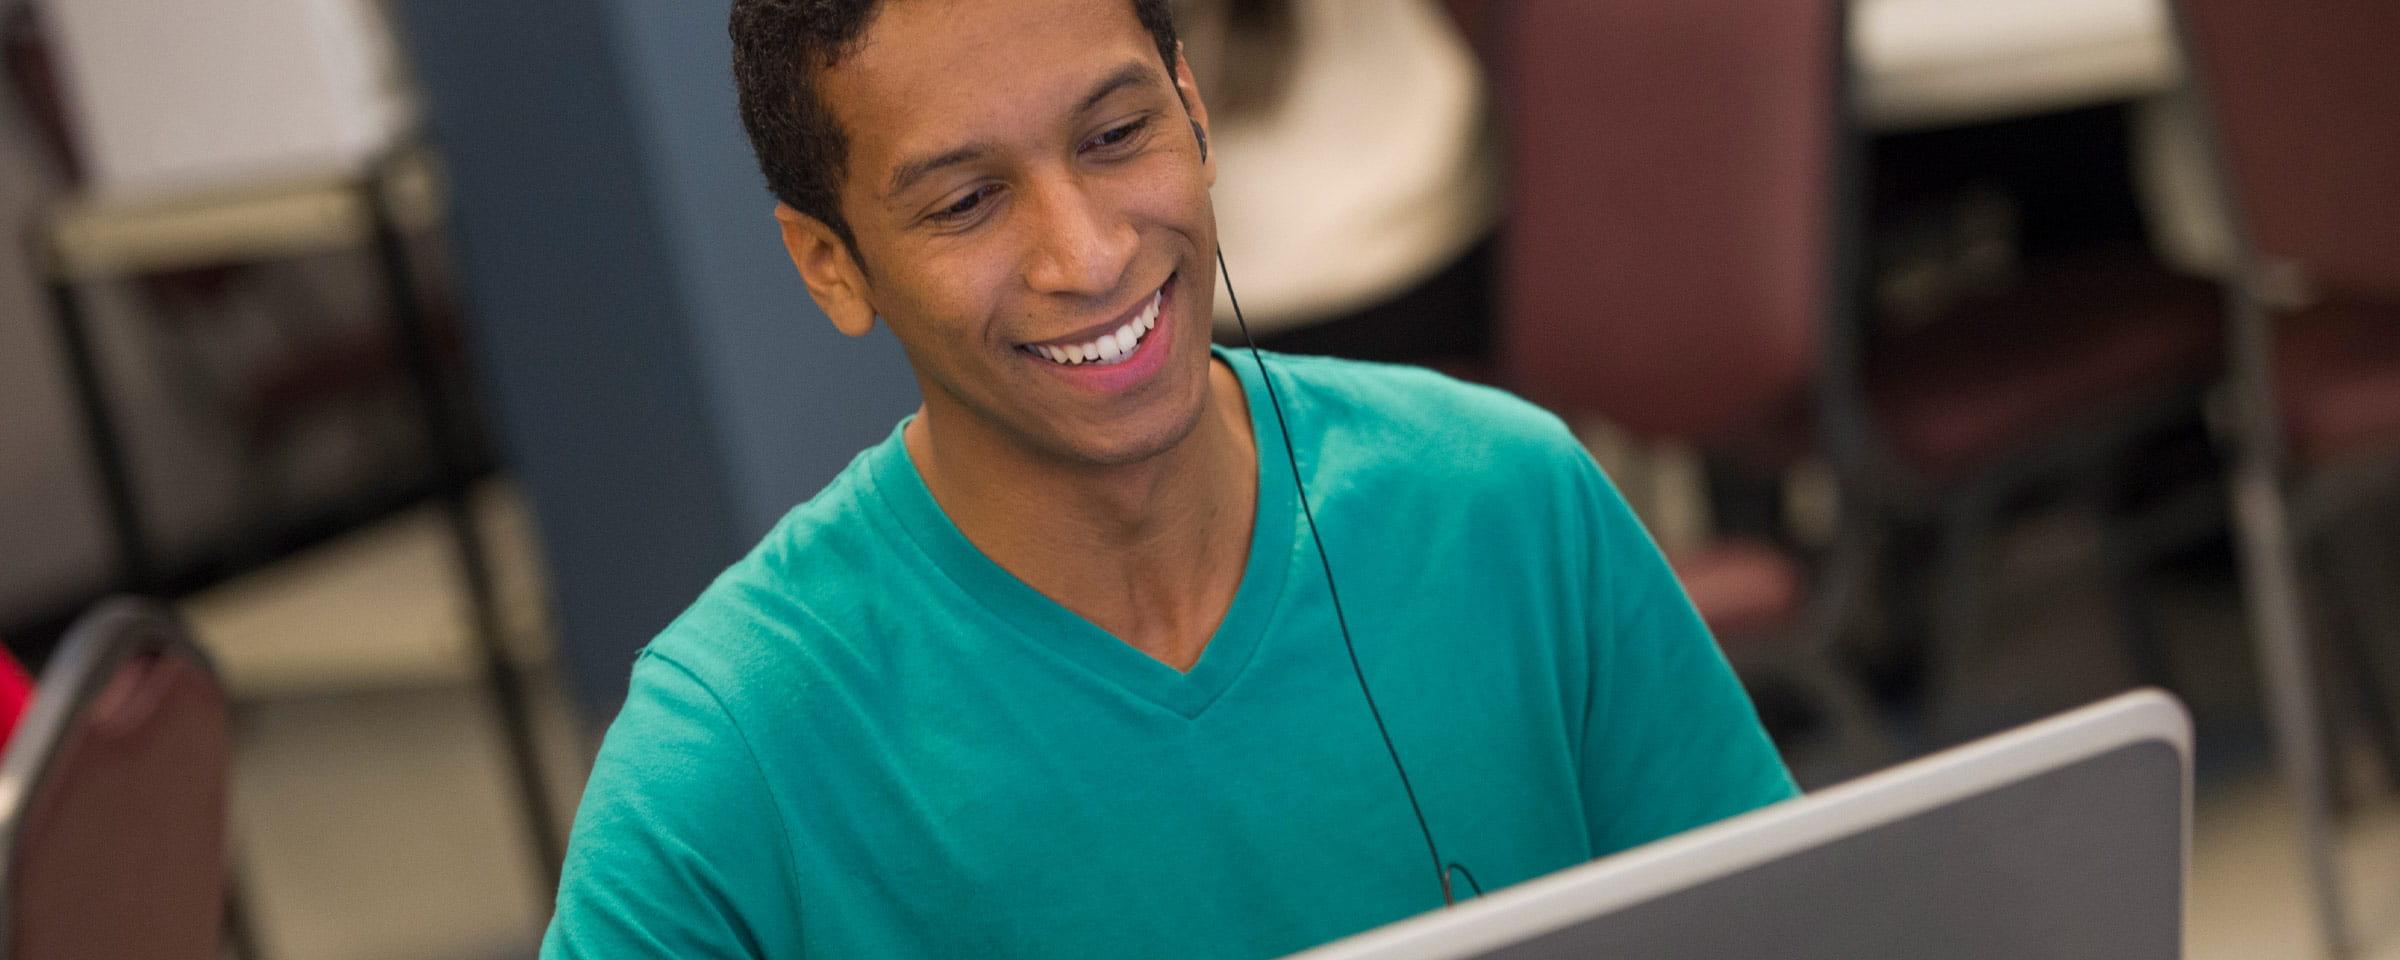 Smiling man looking at laptop screen